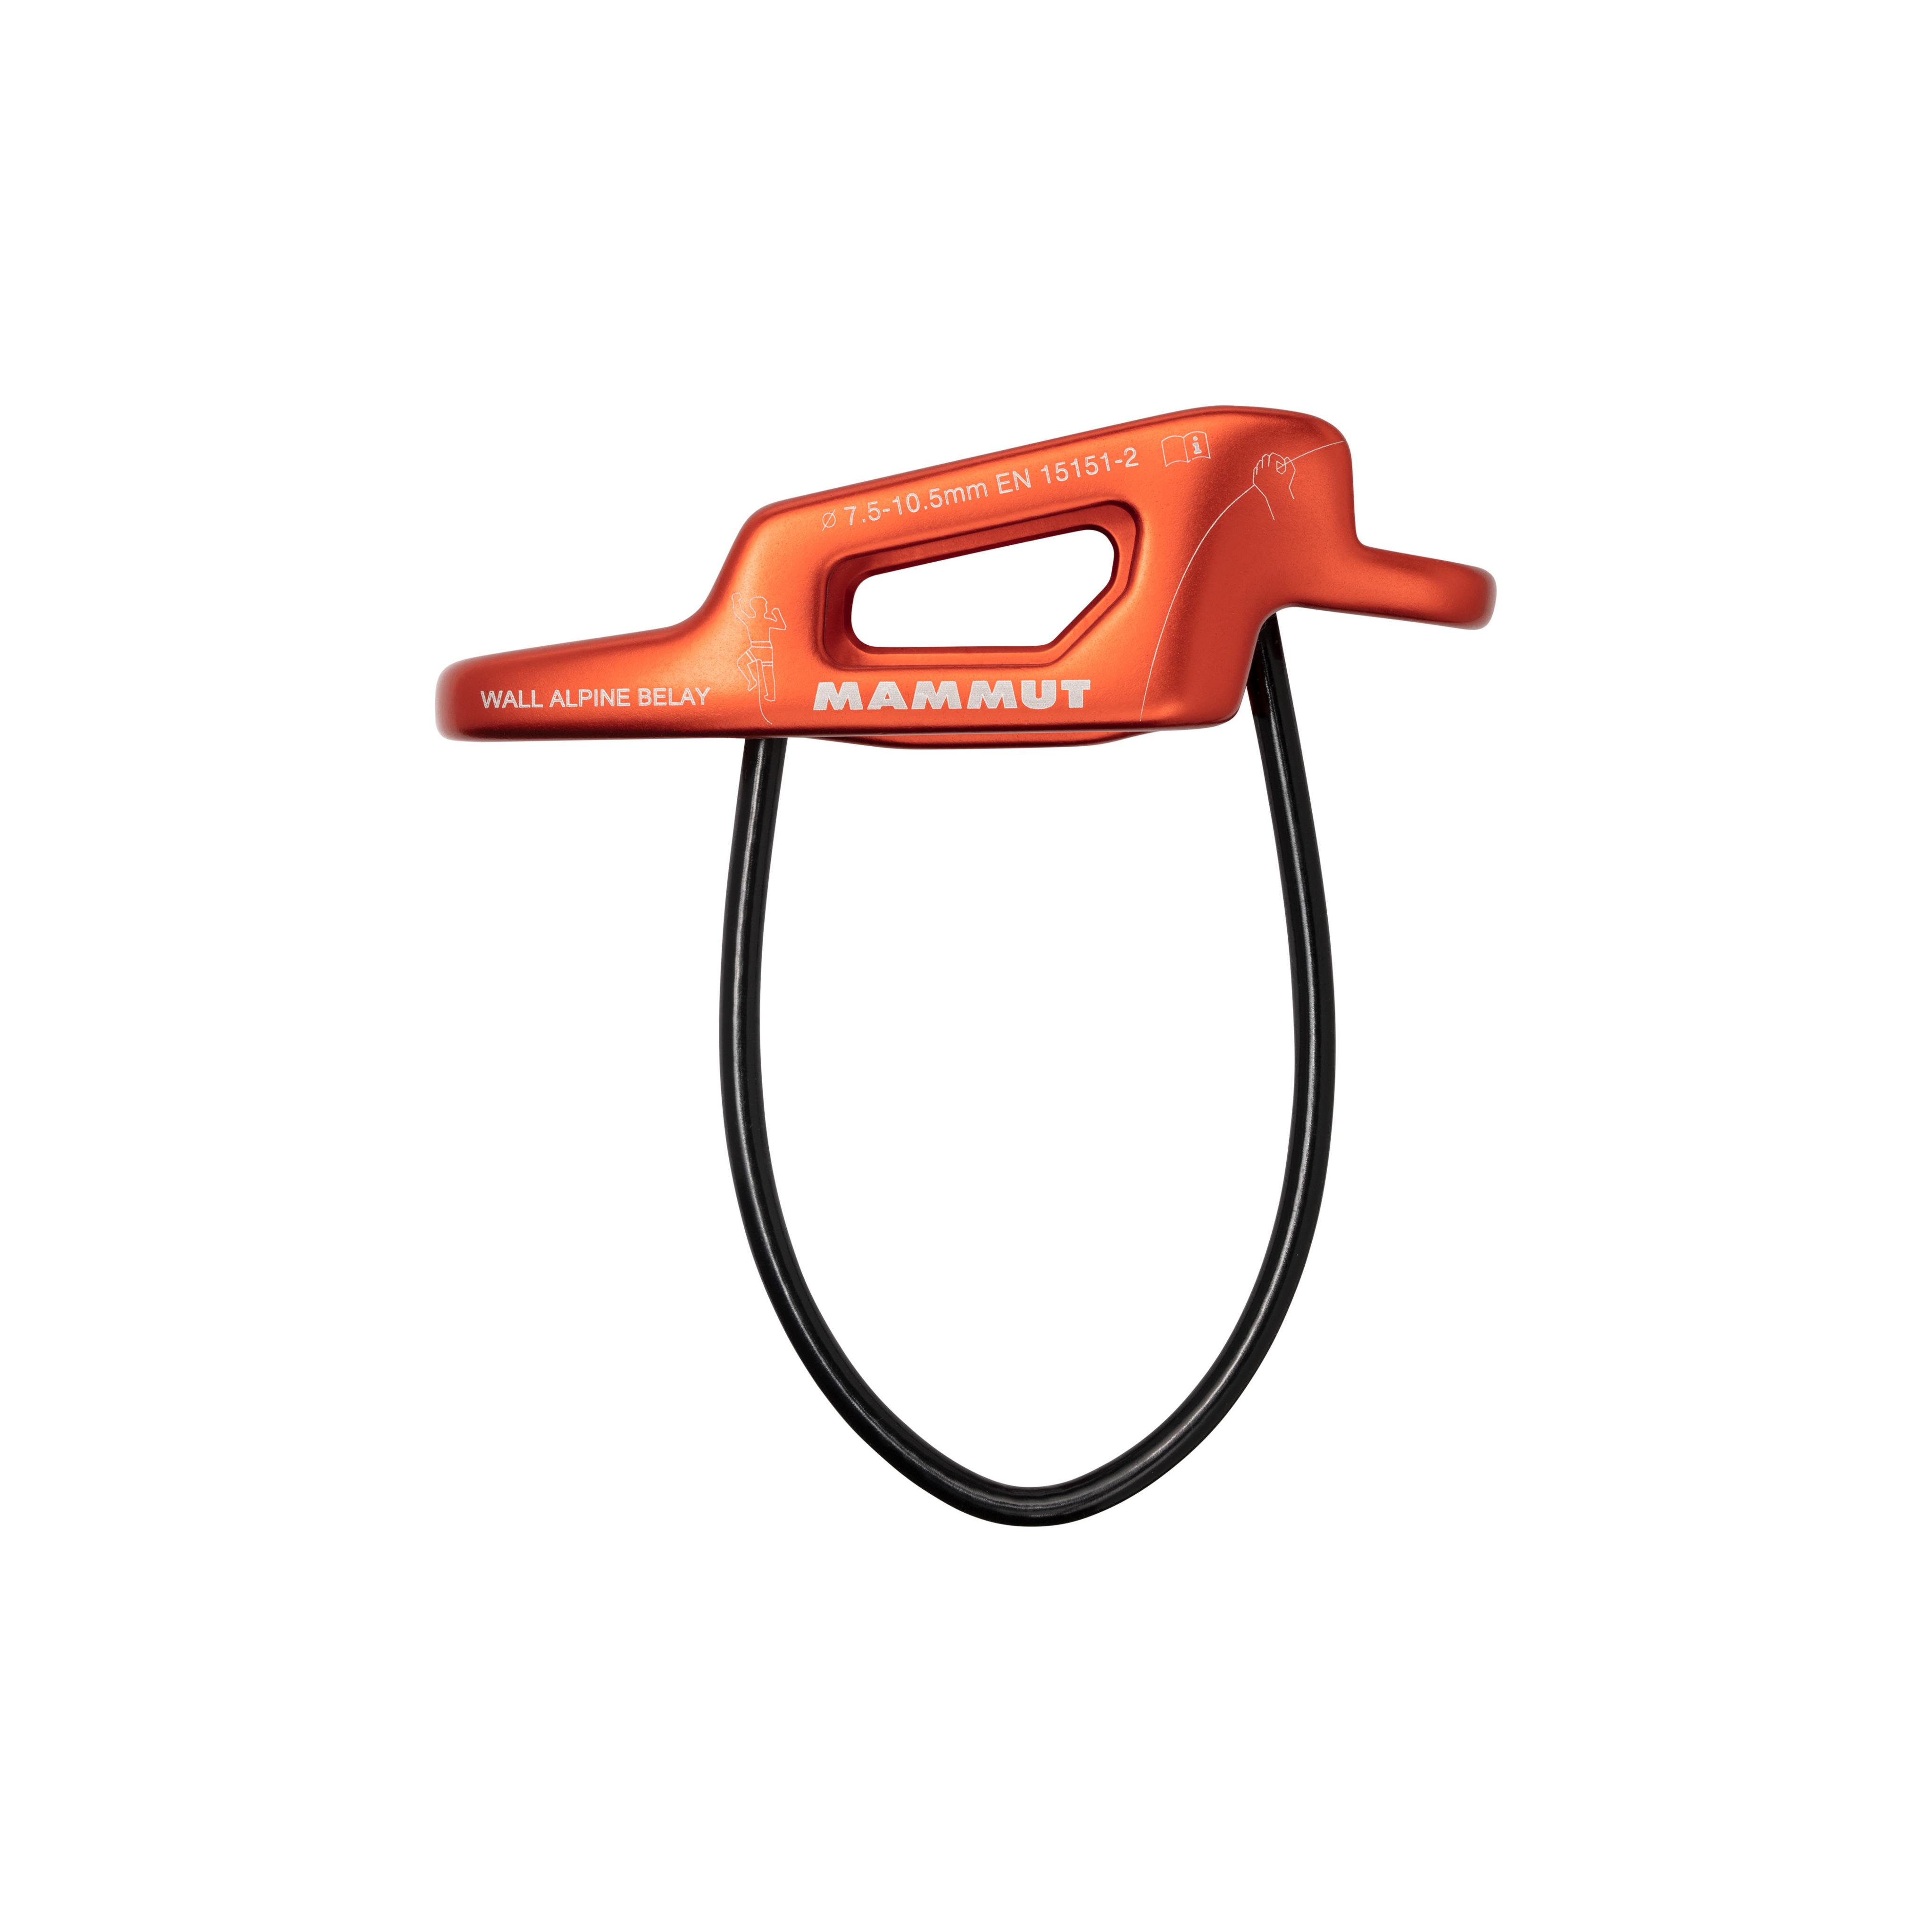 Wall Alpine Belay - one size, orange product image